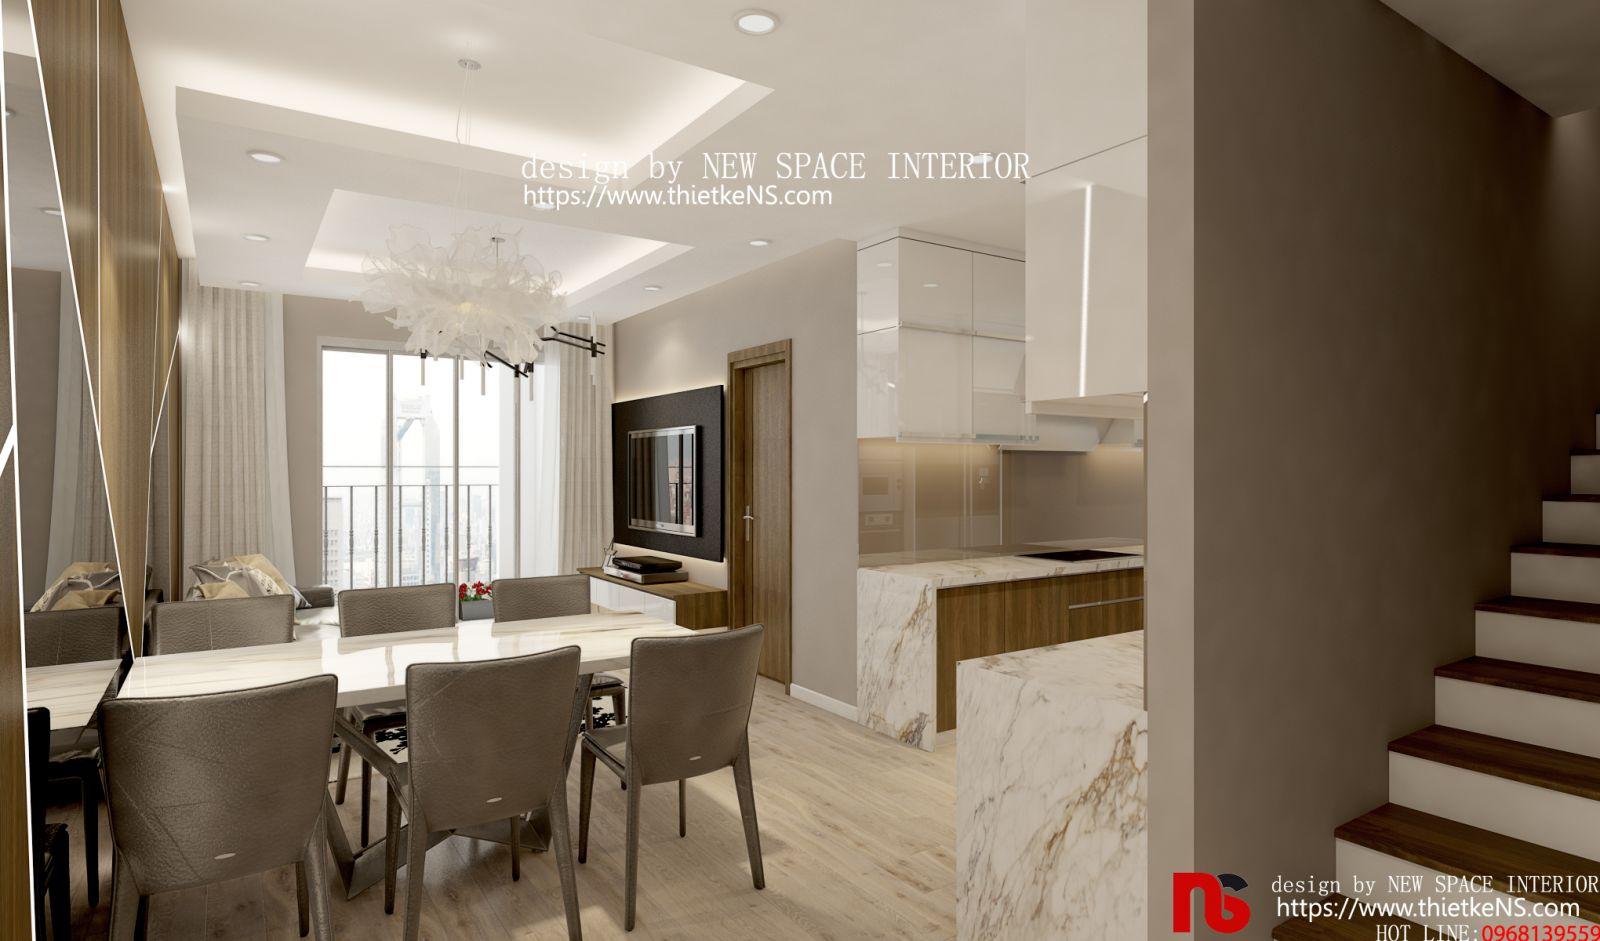 Thiết kế nội thất chung cư khu vựcnhà bếp